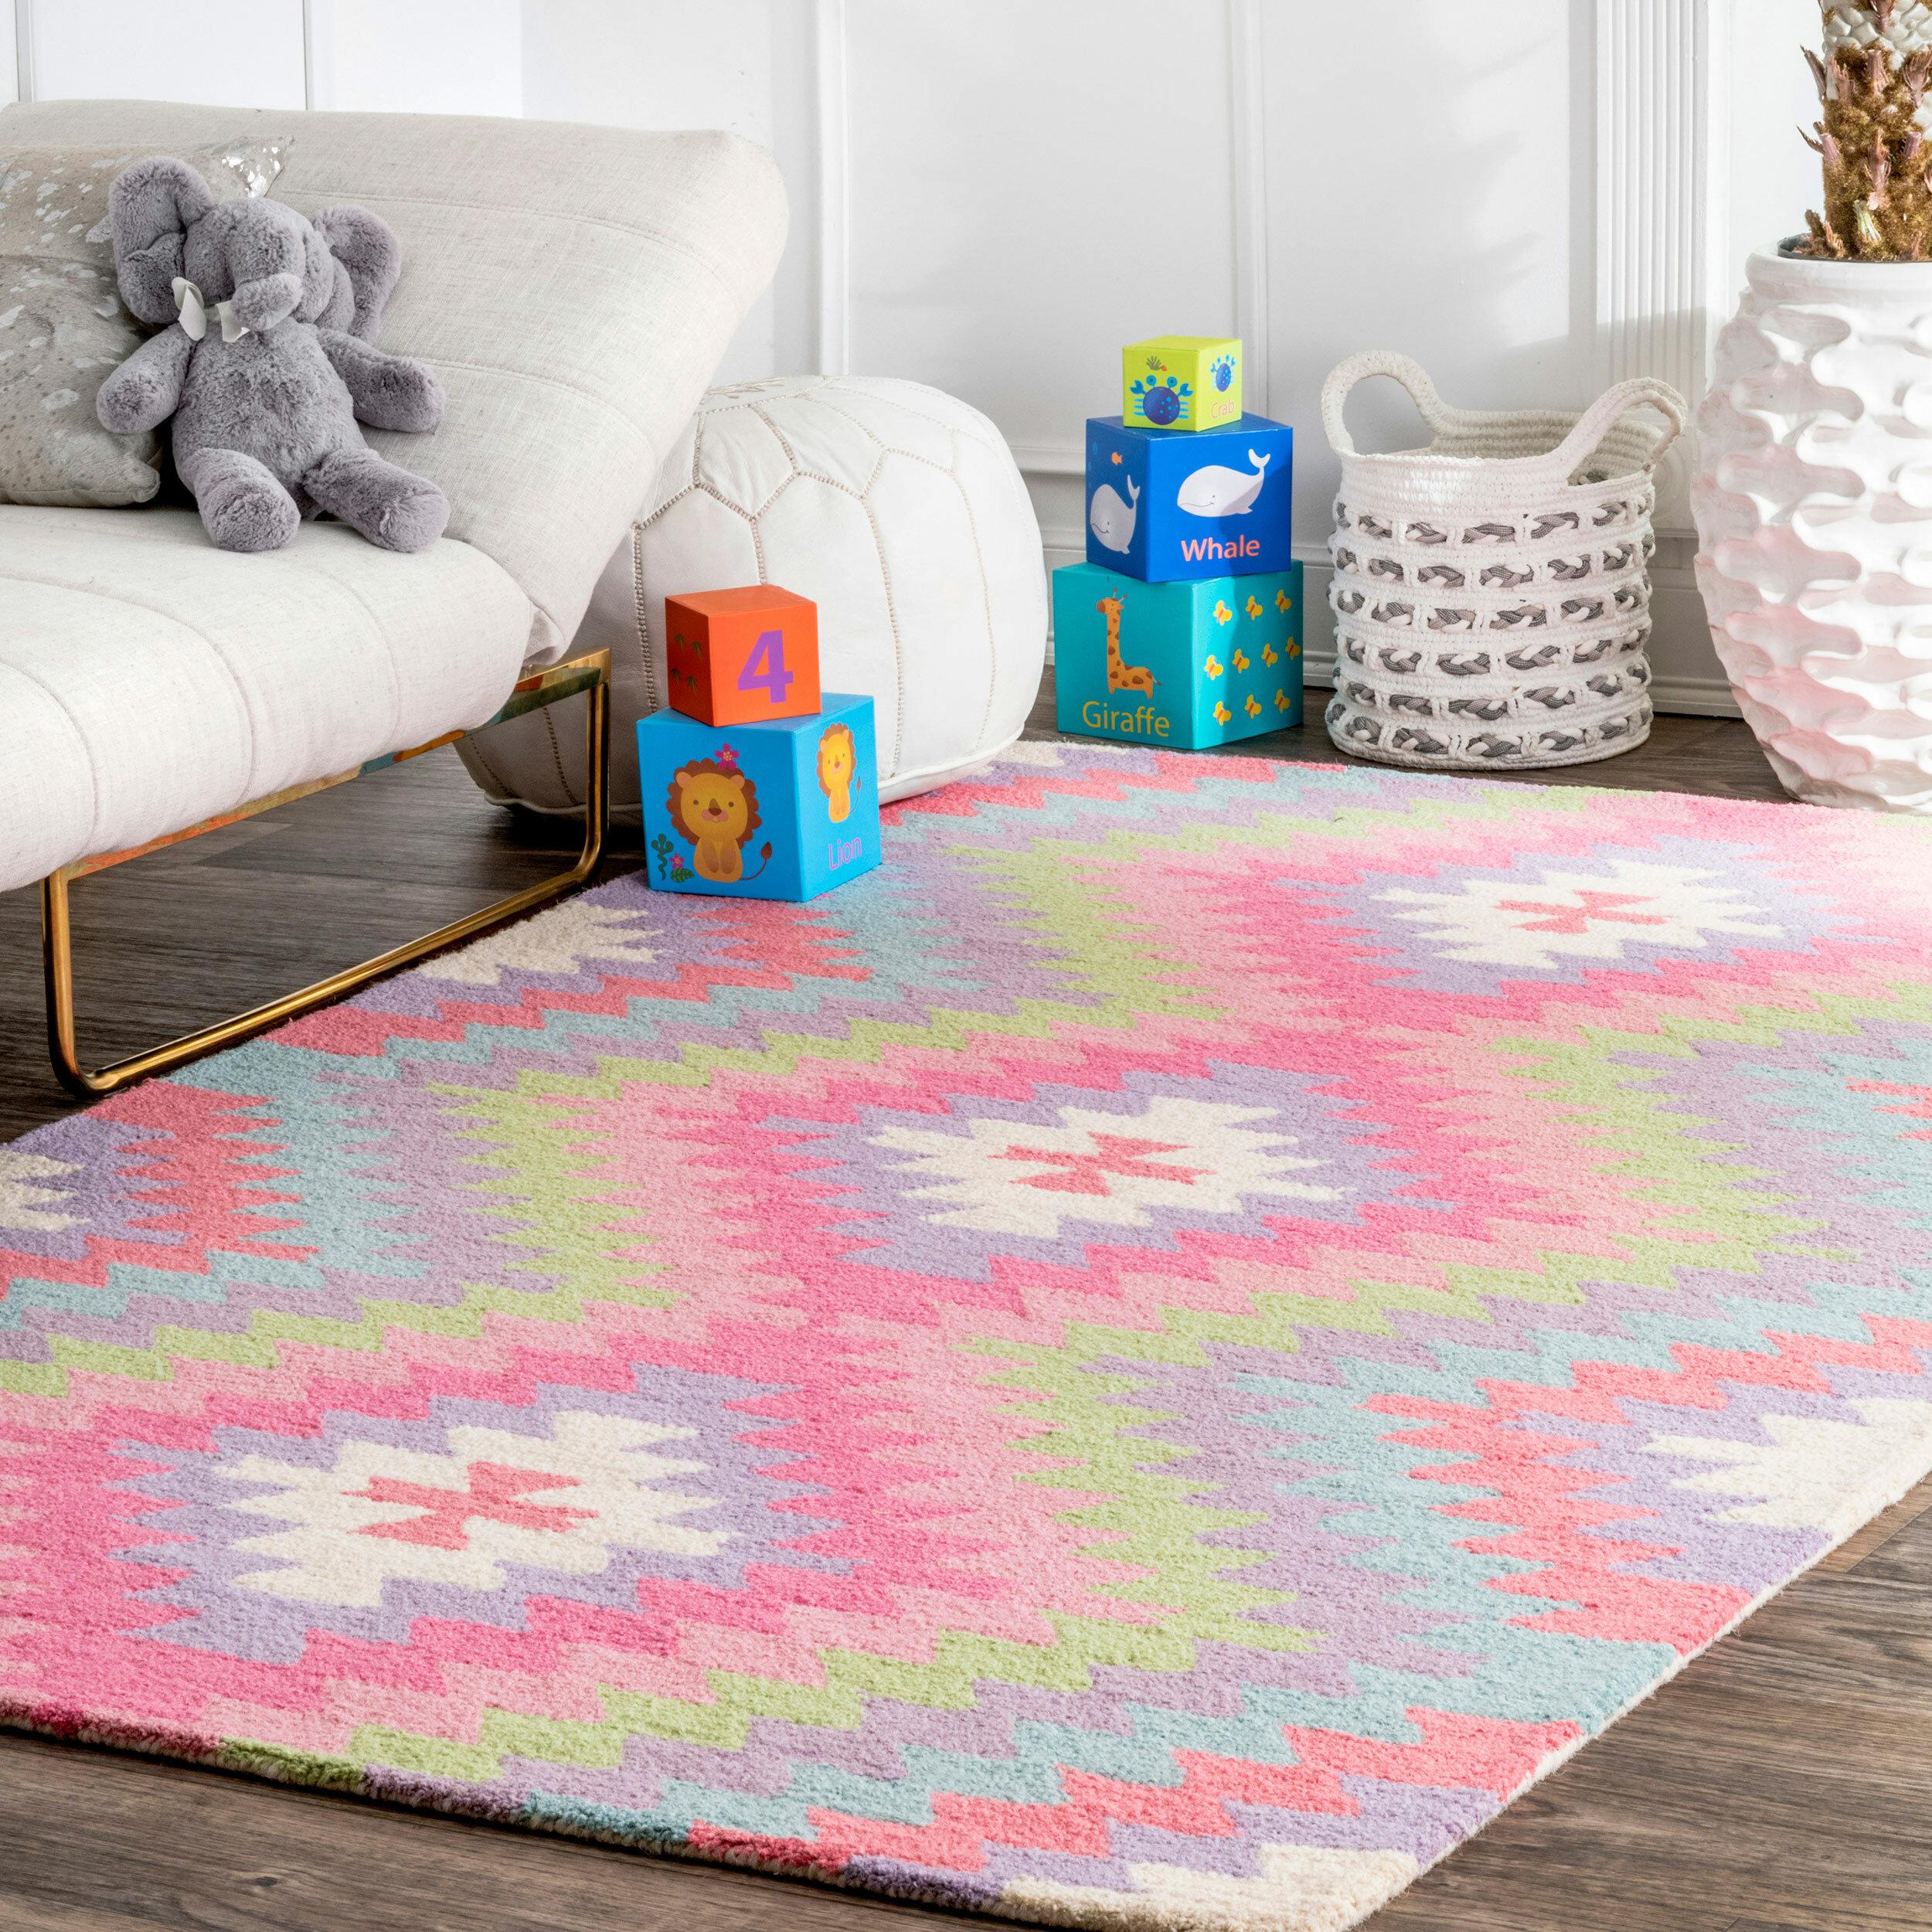 Harriet Bee Edgware Handmade Wool Pink Blue Area Rug Reviews Wayfair